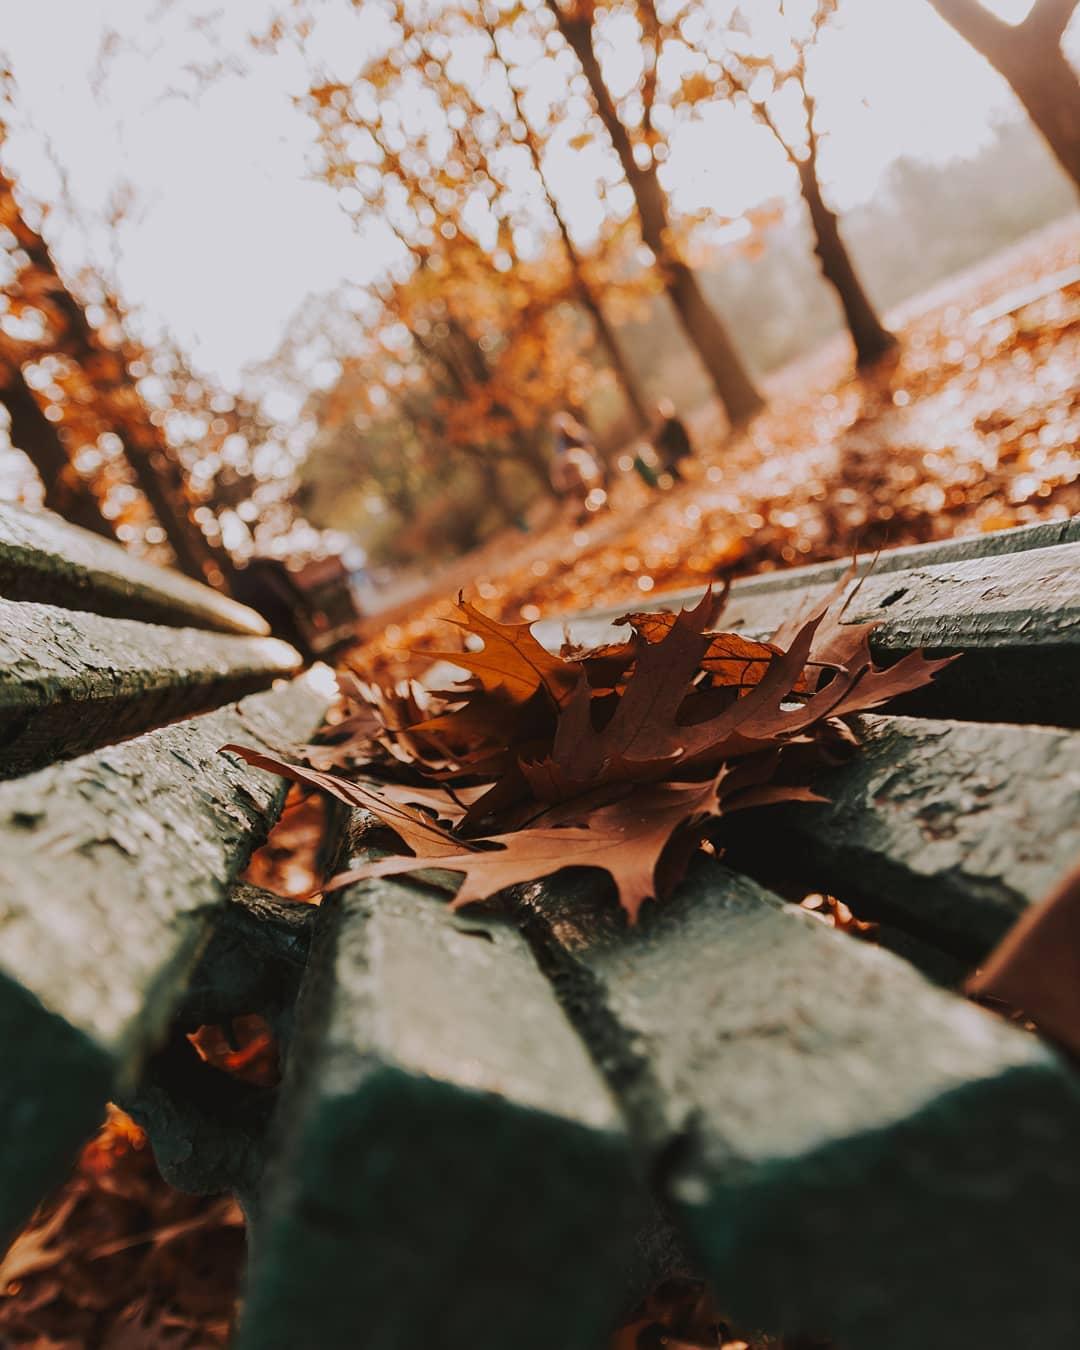 Вообще опавшие листья в осеннем парке - это настоящая классика декаданса. Фото - @maks_kalinichiy